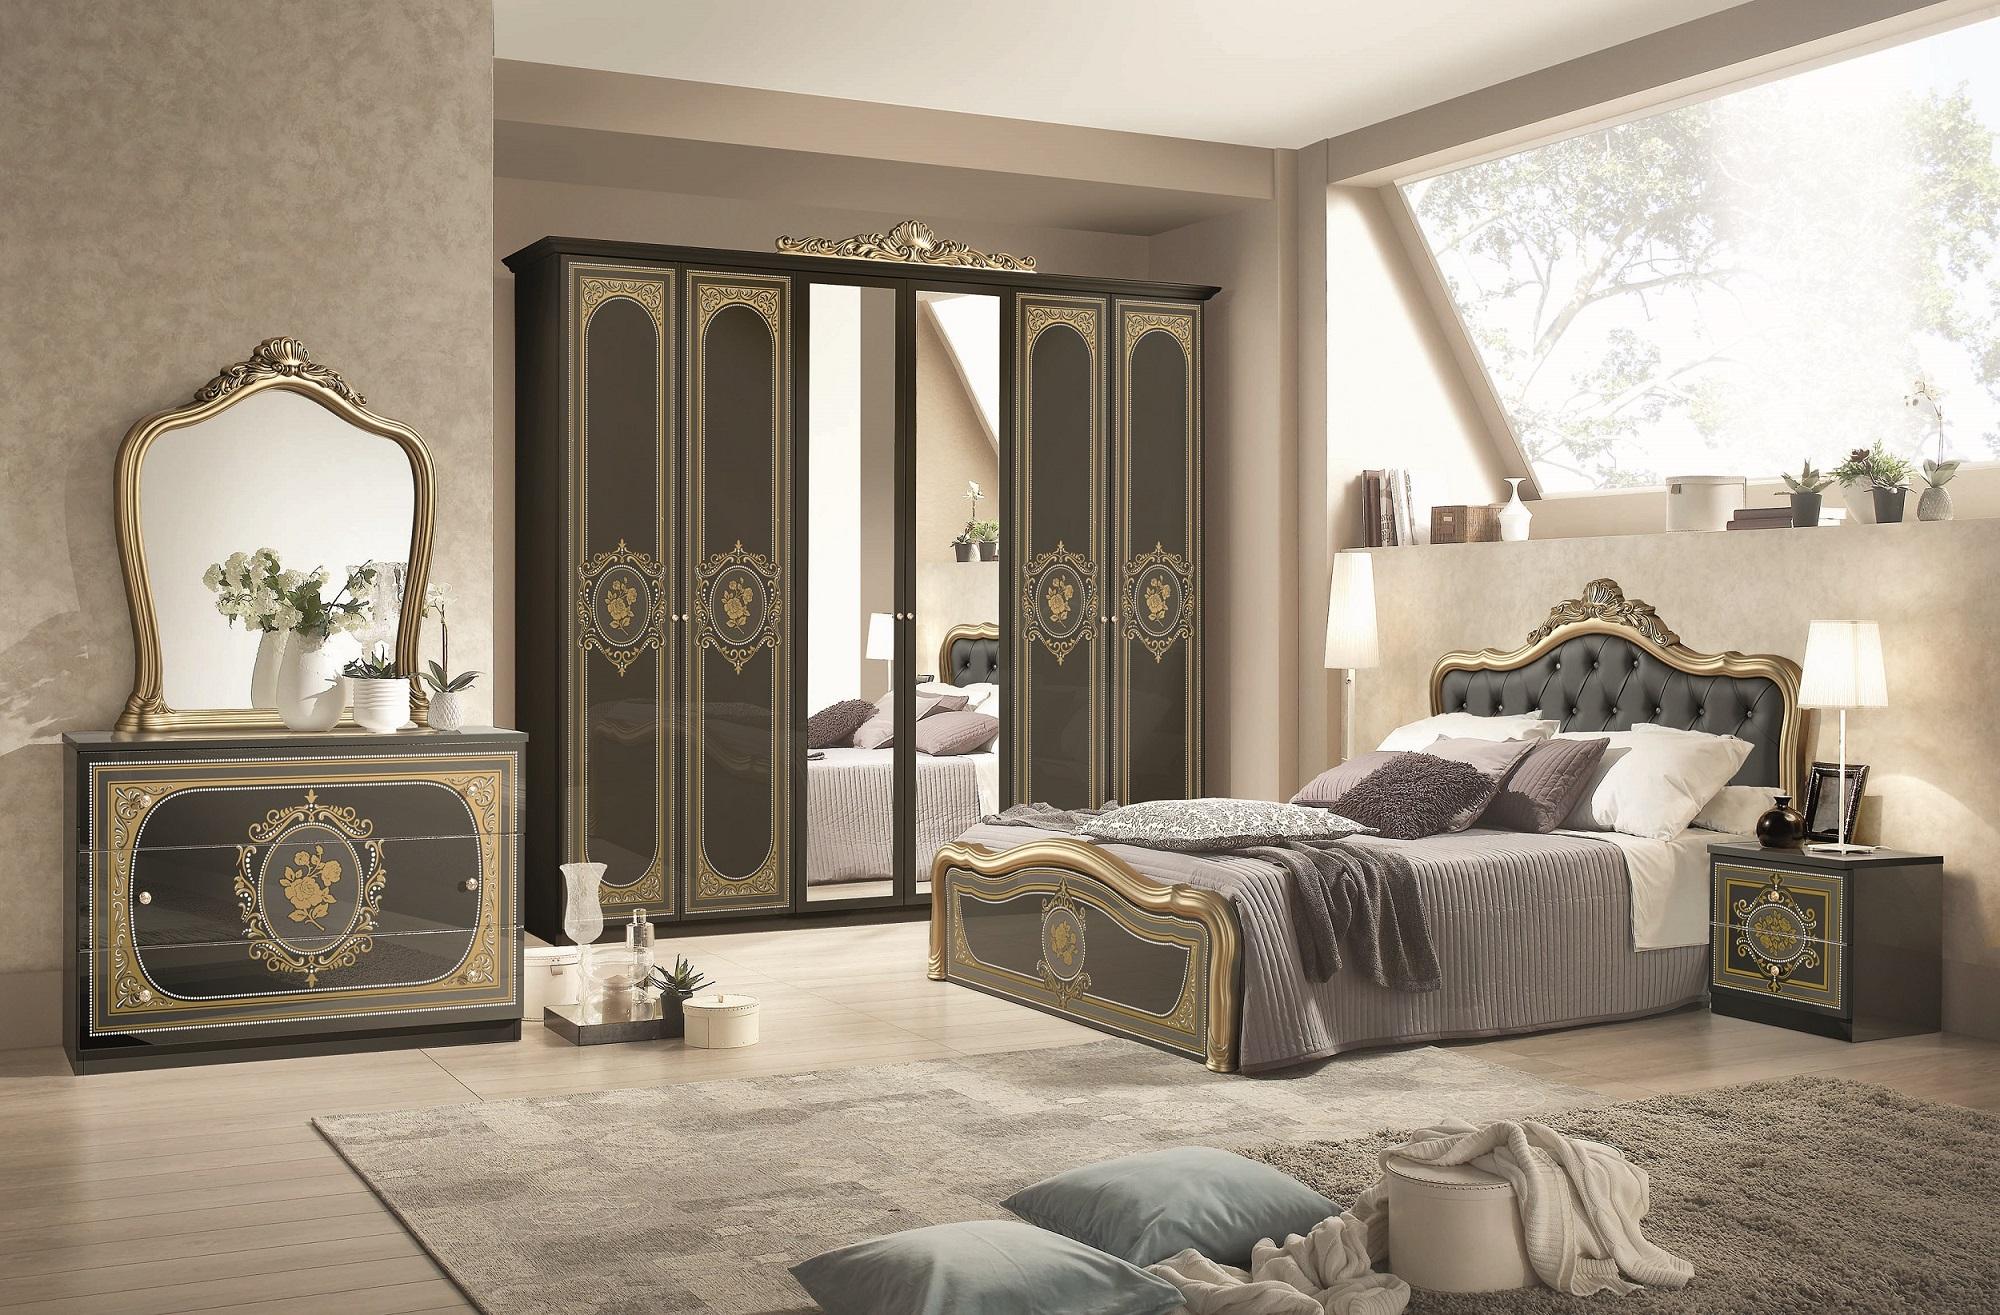 Schlafzimmer Alice in creme beige Barock Polsterung 160x200cm 4t ...